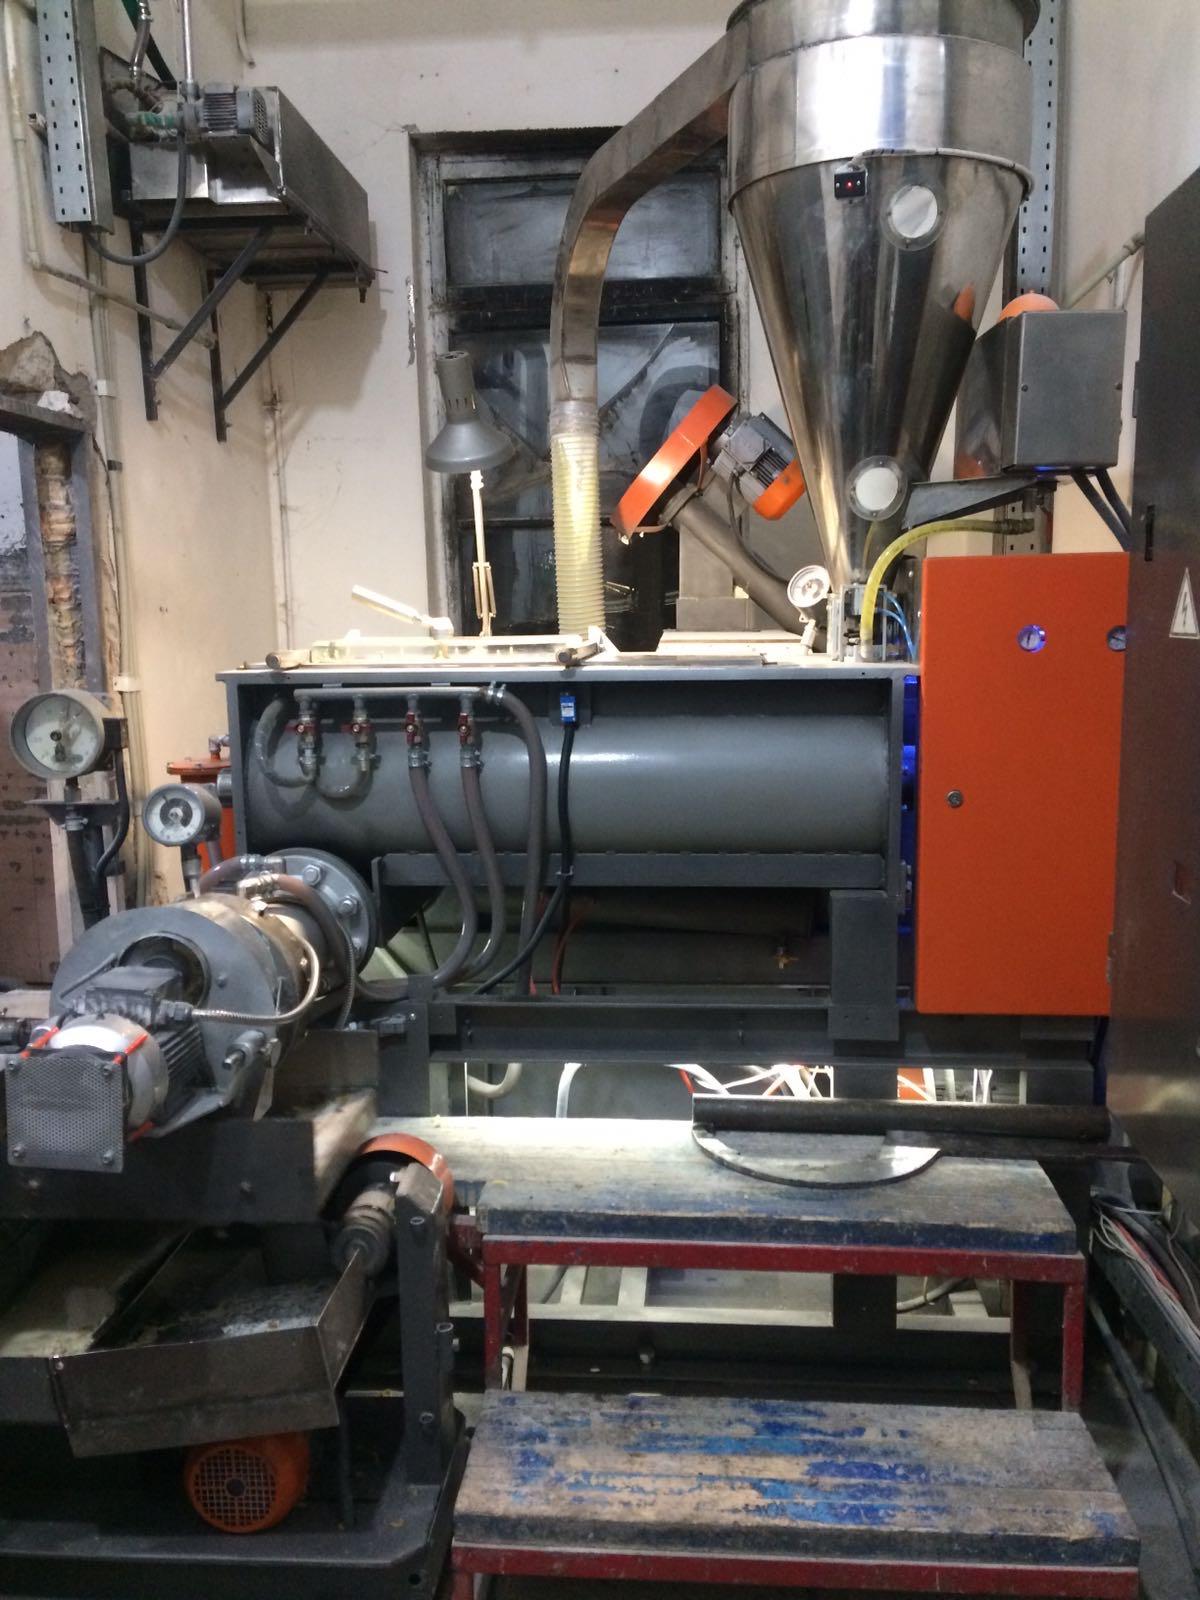 Пресс макаронный 300 кг./ч., фасовочное оборудование, сушильные шкафы.